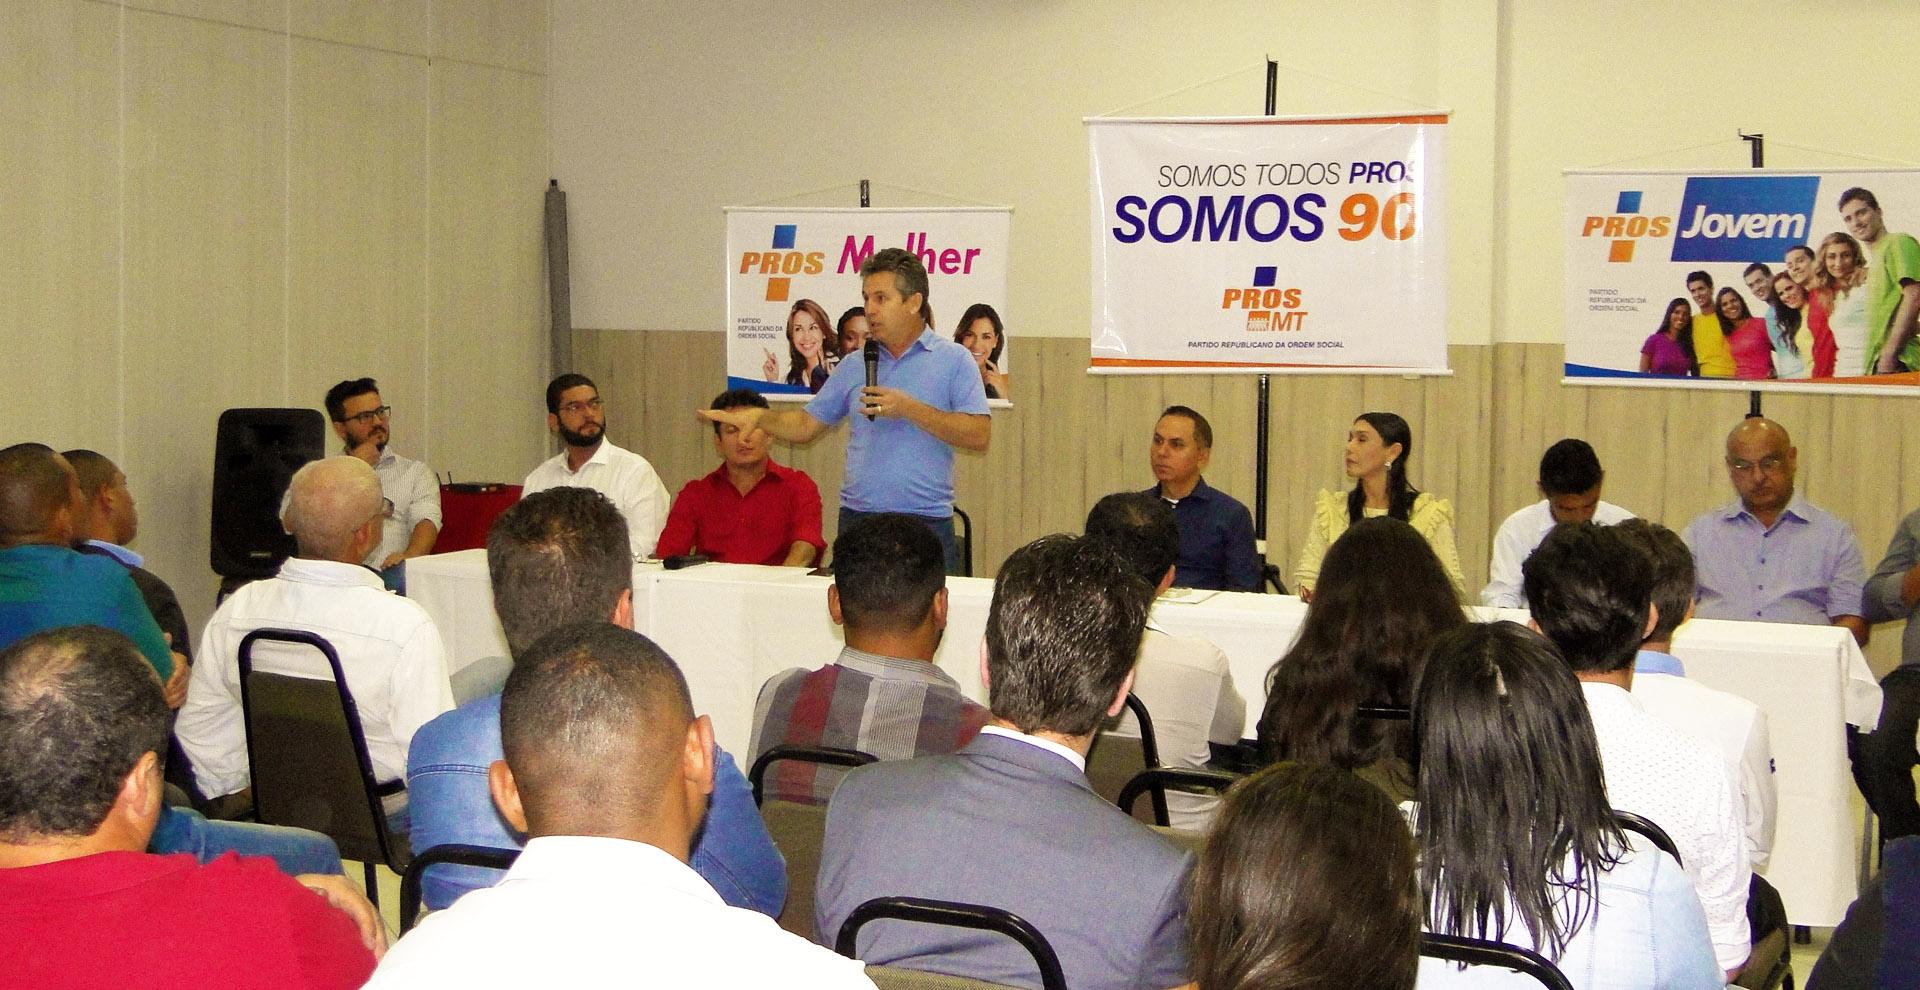 Em reunião com PROS, Mendes diz que dívidas da gestão Taques ultrapassam R$ 3 bi